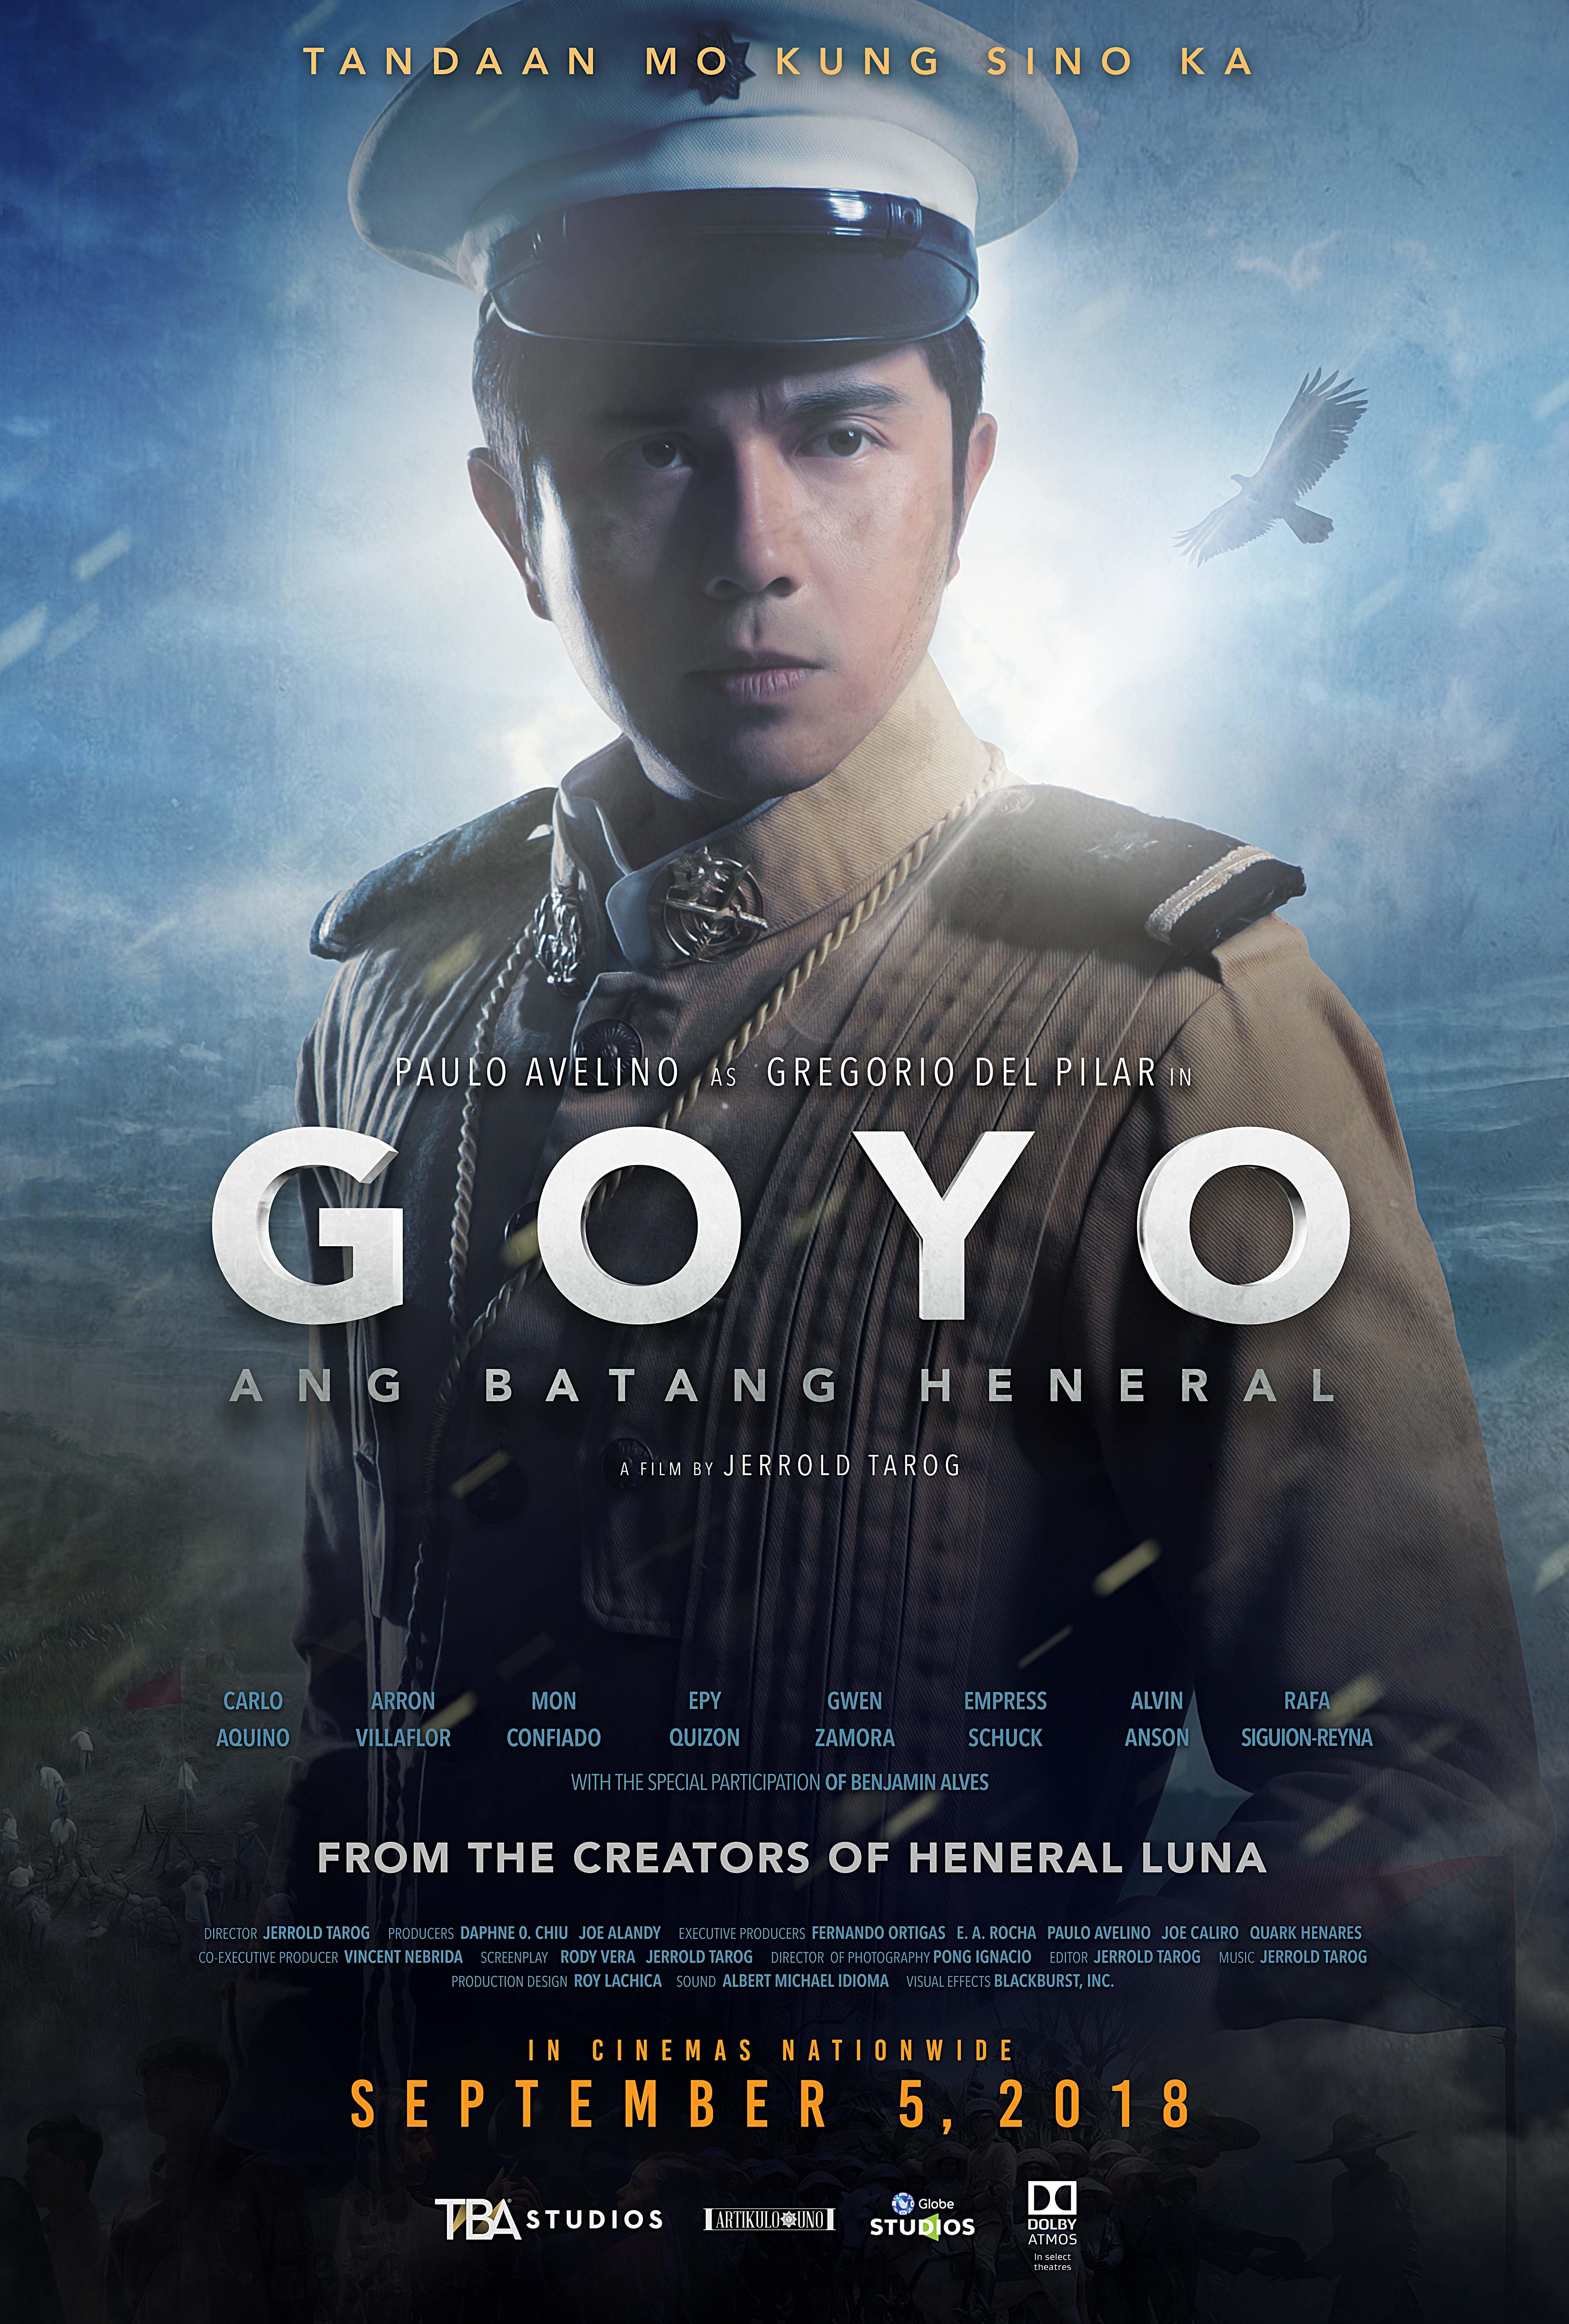 Paulo Avelino in Goyo: Ang batang heneral (2018)